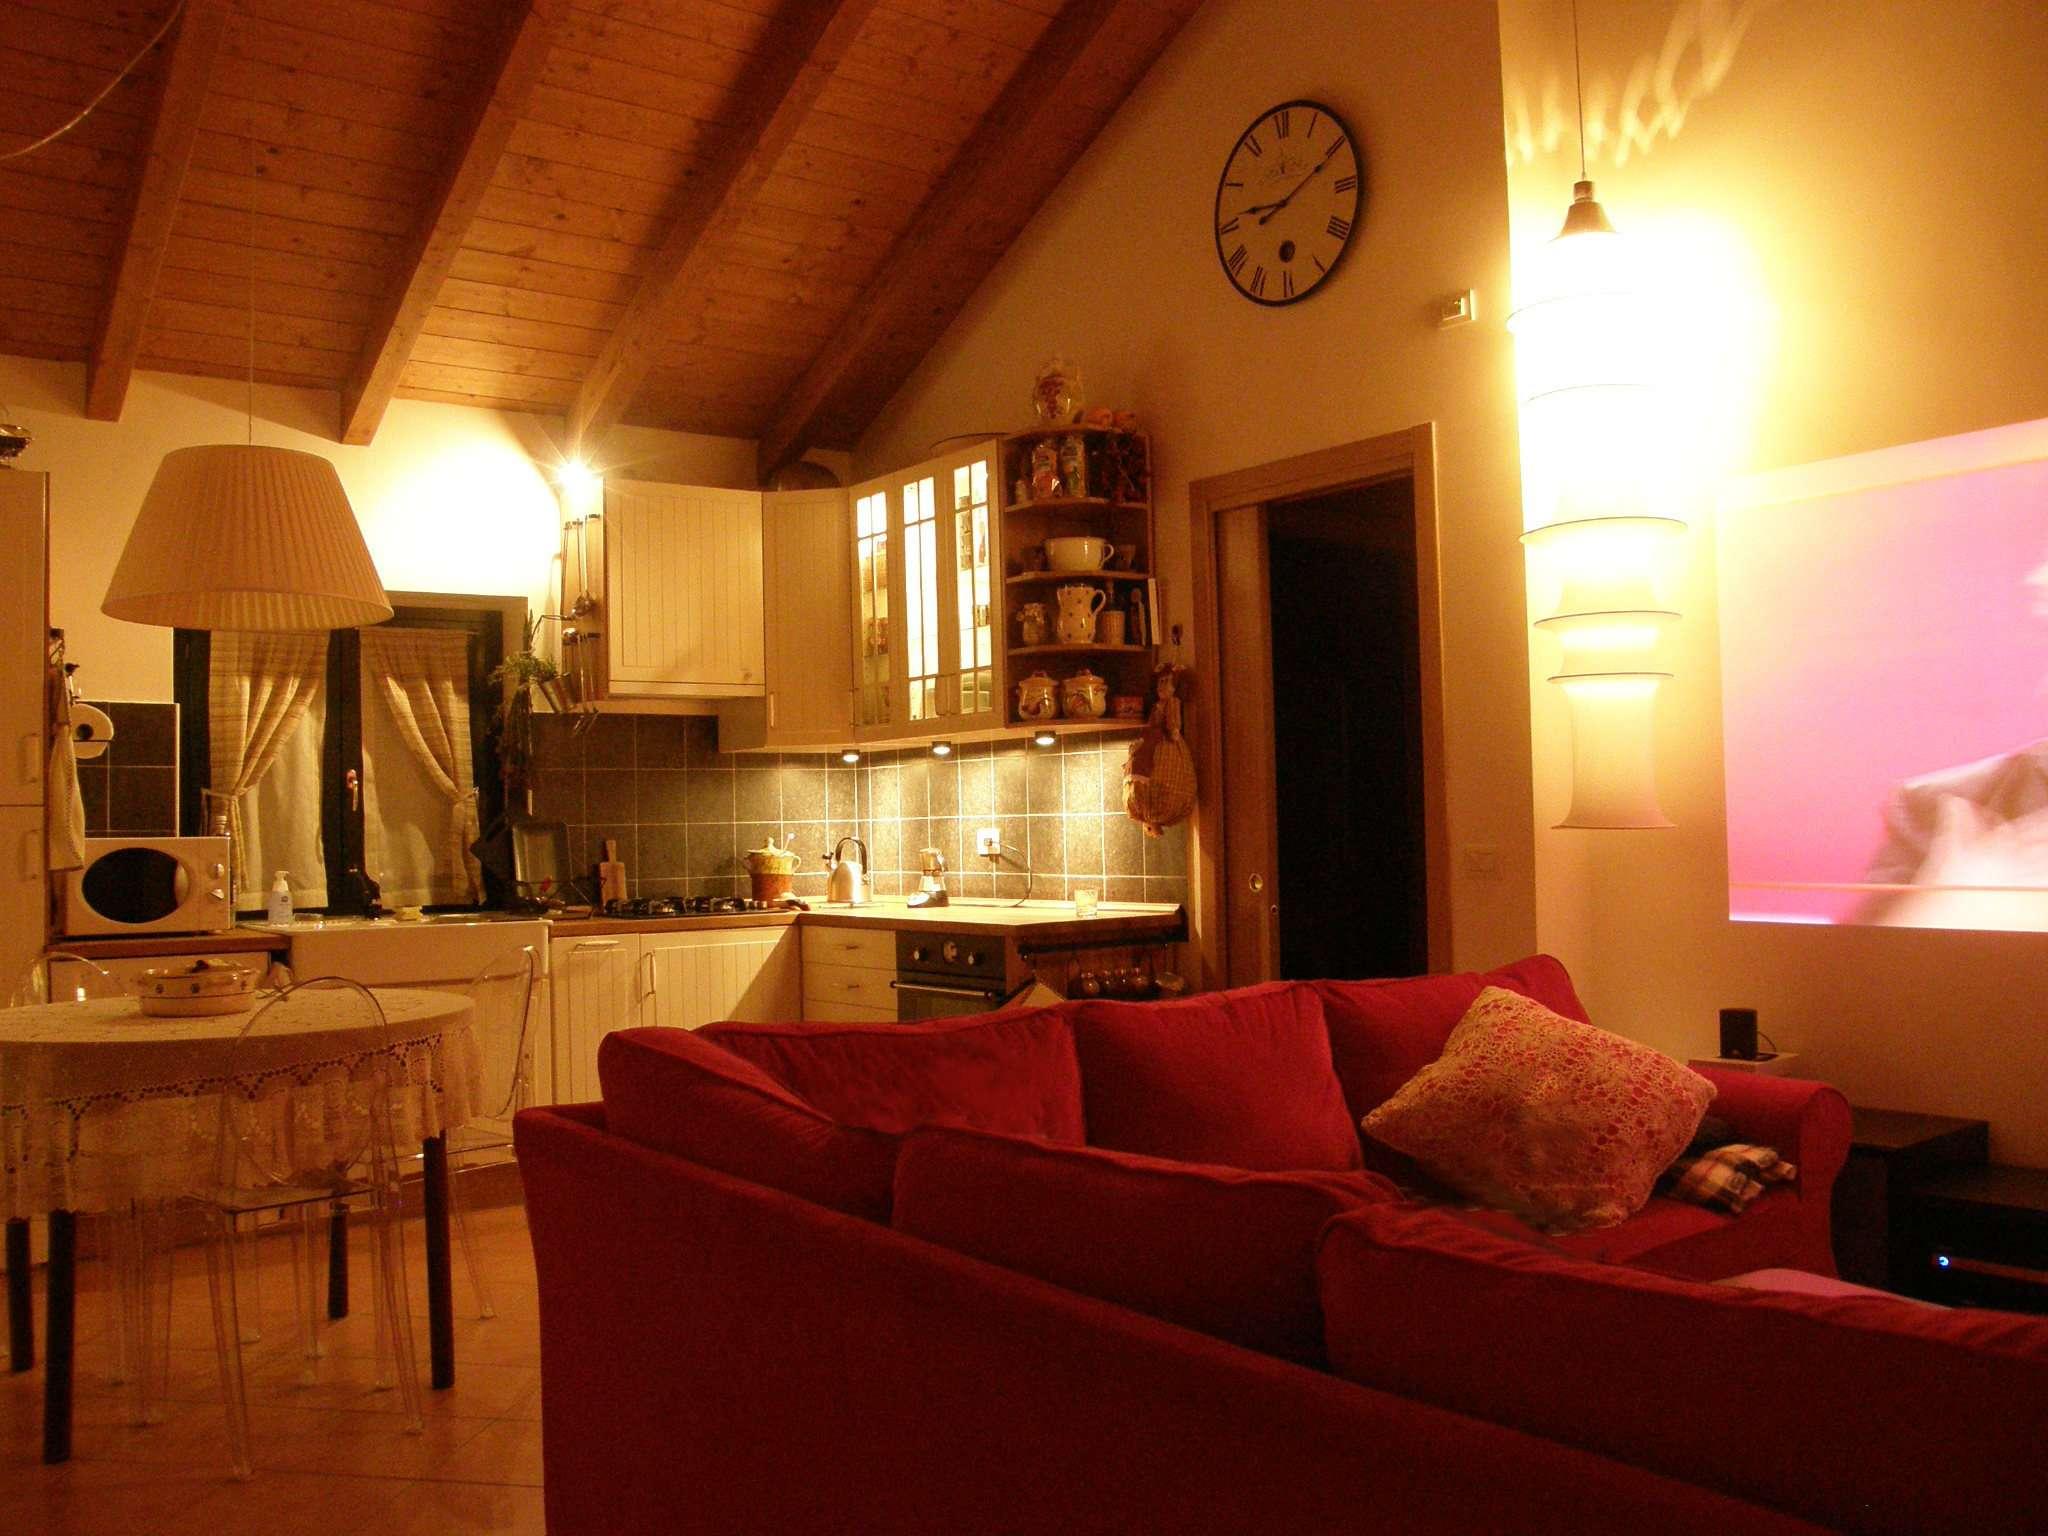 Appartamento in vendita a Gessate, 2 locali, prezzo € 125.000 | CambioCasa.it